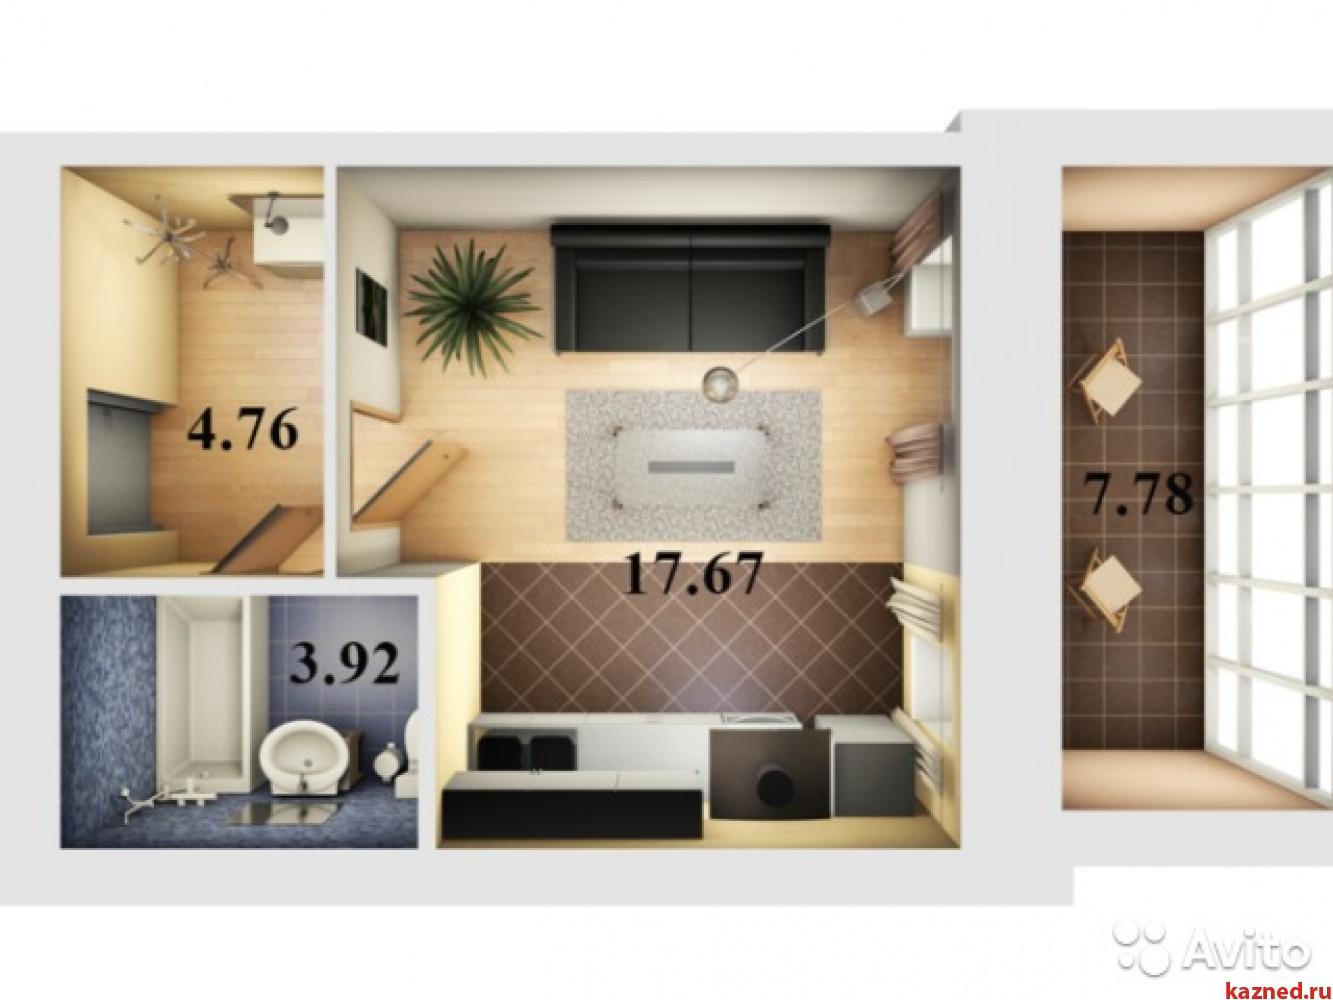 Продажа 1-к квартиры Даурская д 46 ЖК ЖУРАВЛИ, 31 м² (миниатюра №1)